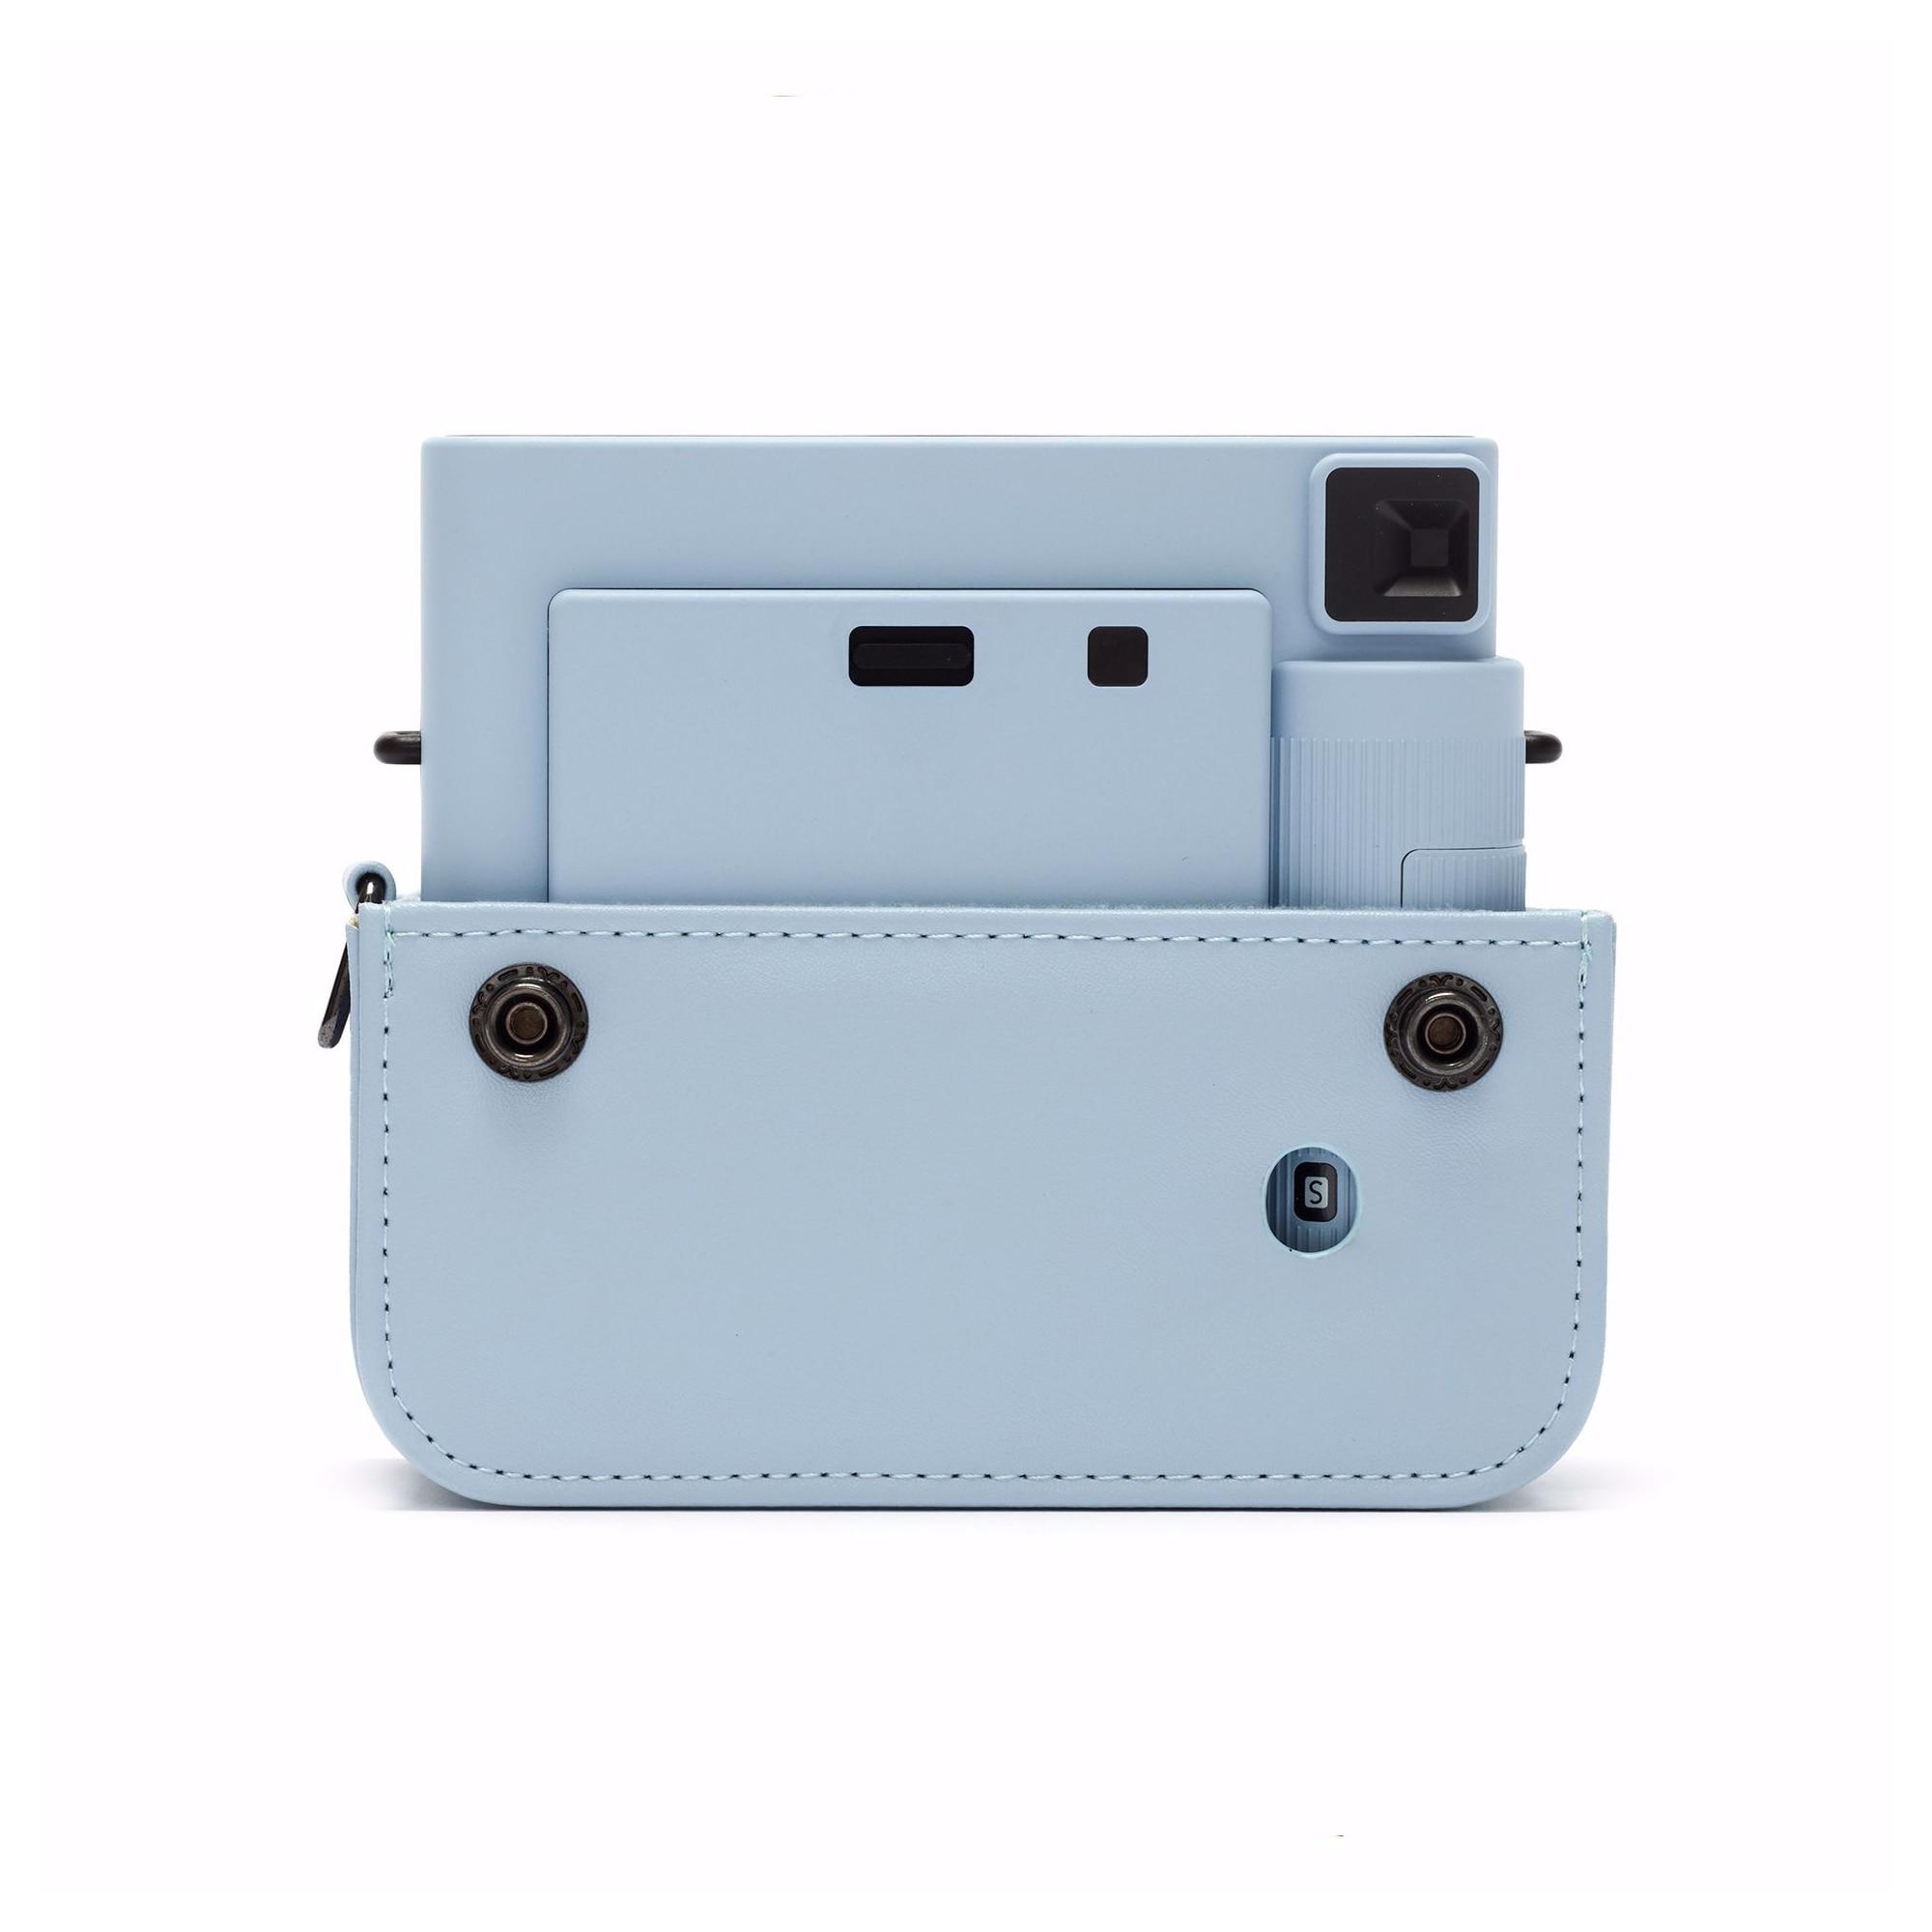 Fujifilm Instax Square SQ1 Case Glacier Blue